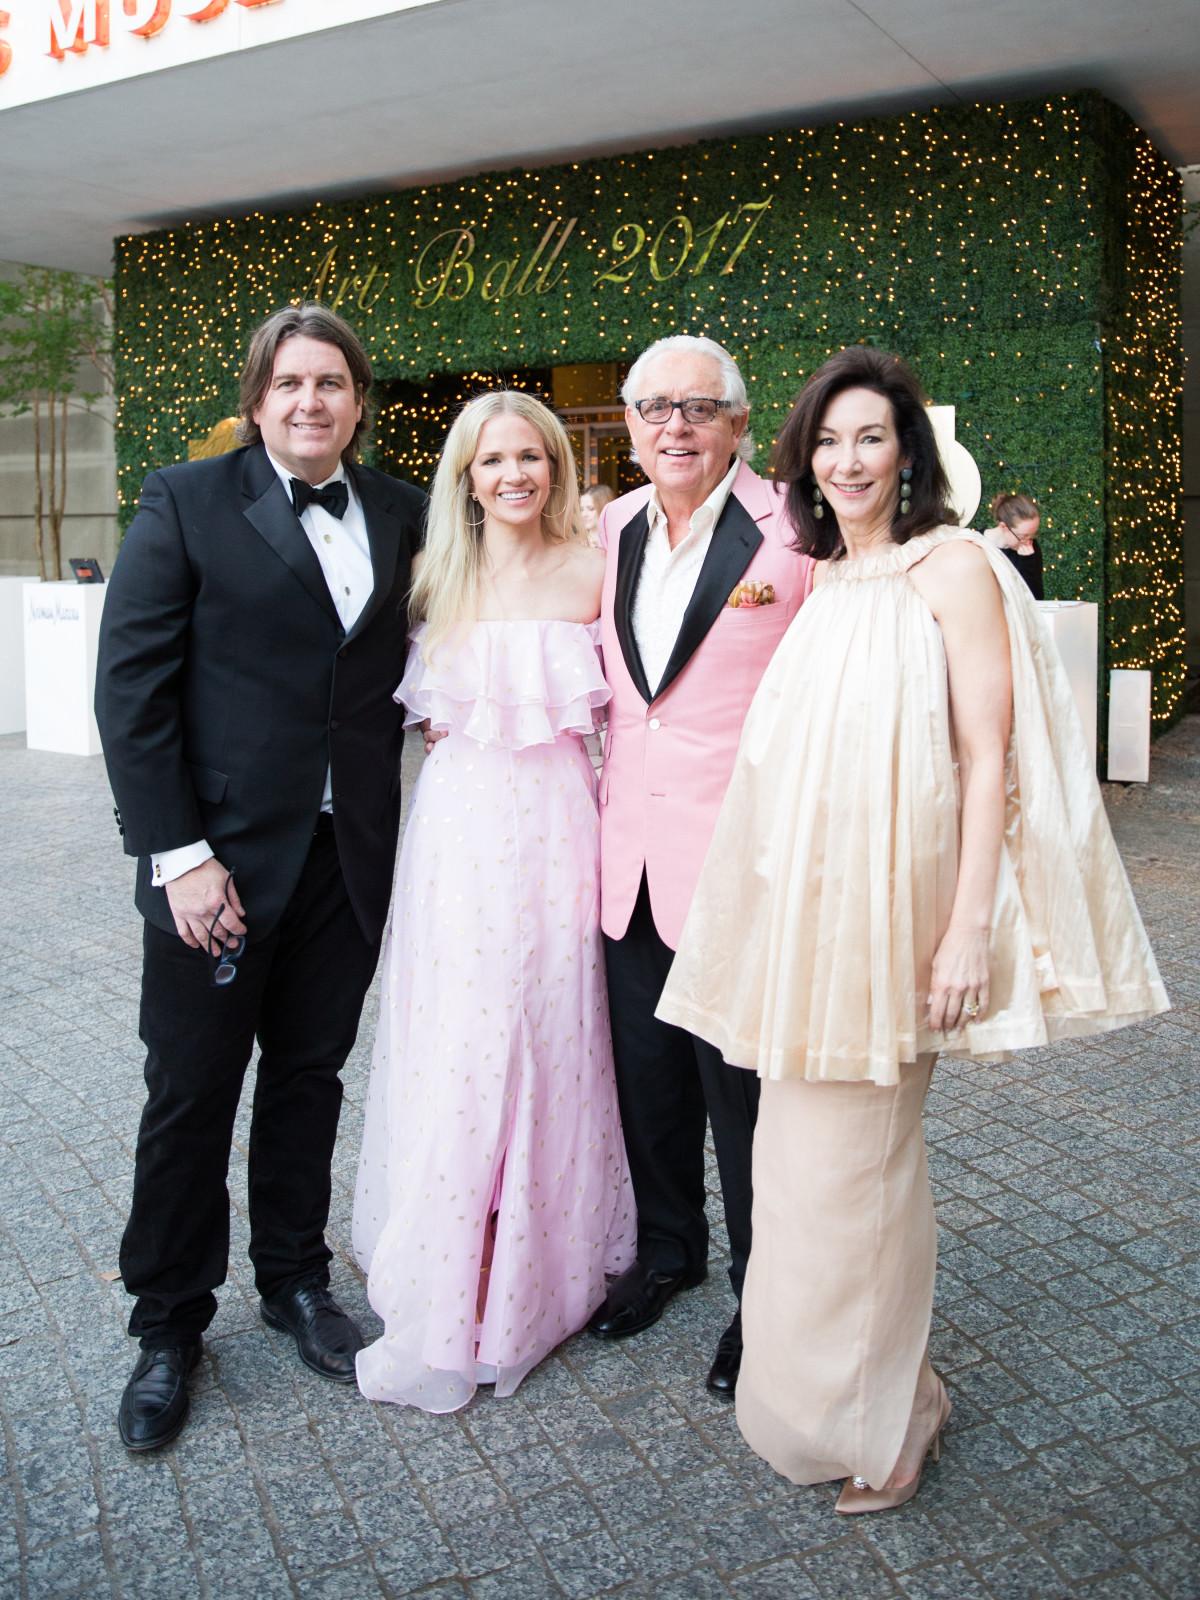 John Kirtland, Jenny Kirtland, Michael Young, Sharon Young